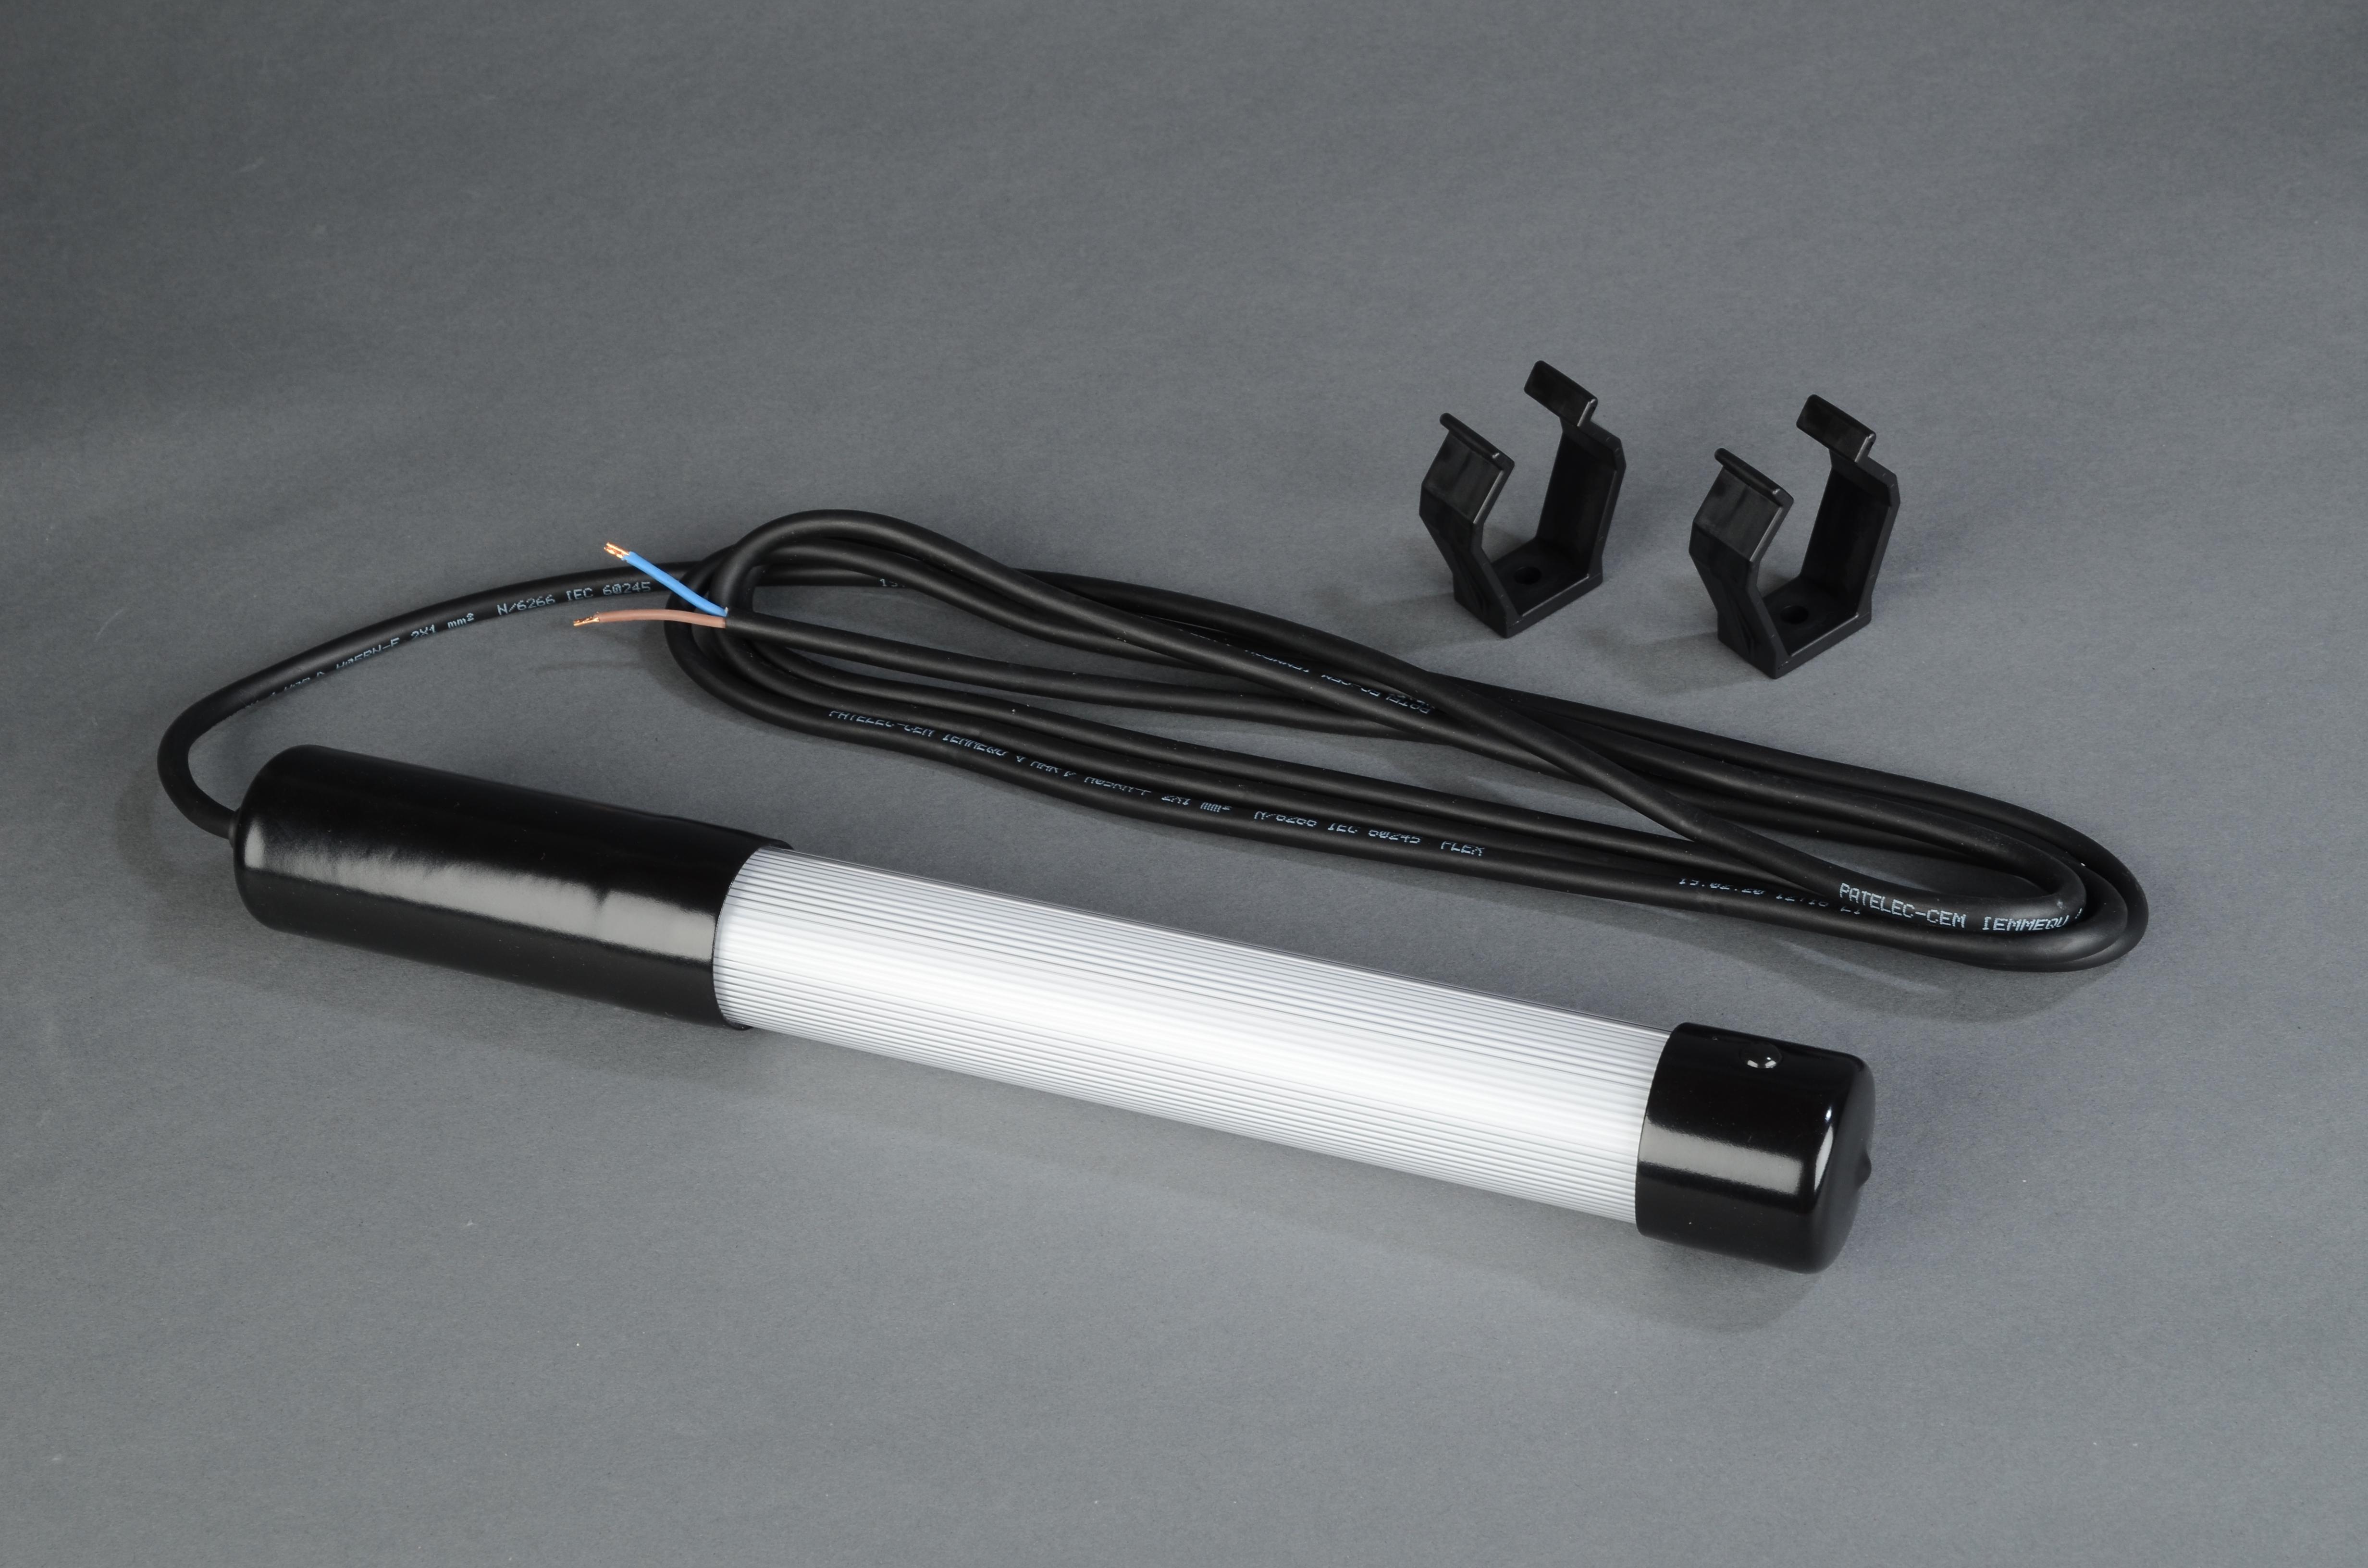 Serie 37: 10 Watt/ 220-240 Volt/ 360 mm